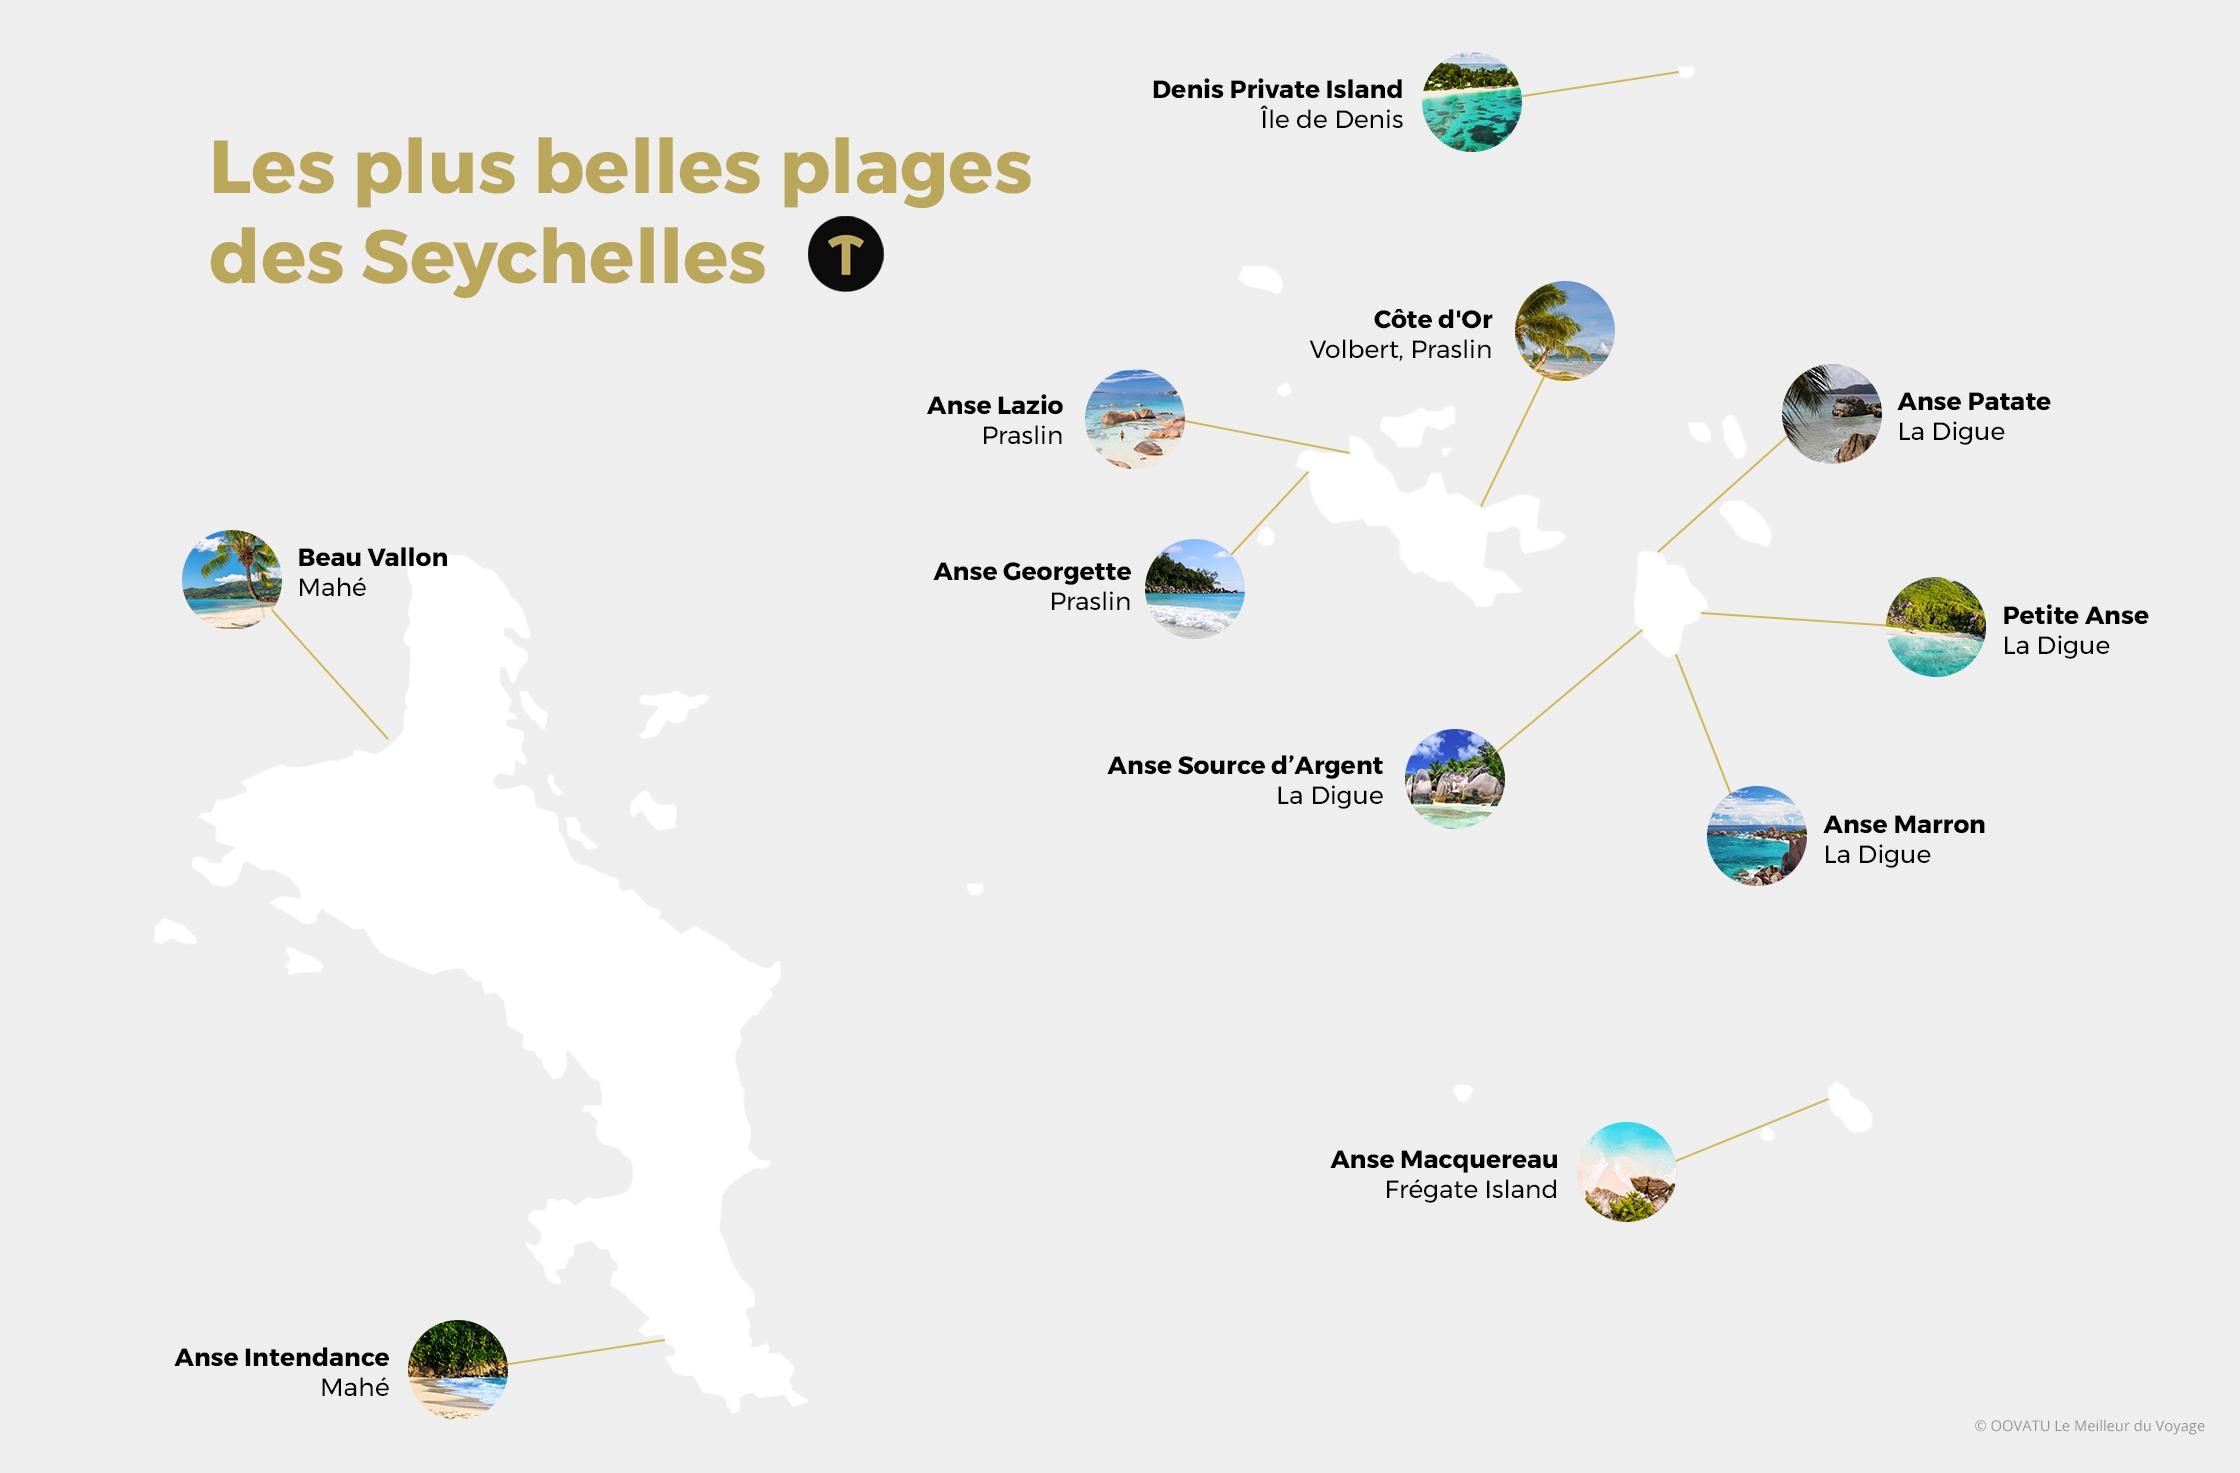 Carte des plus belles plages des Seychelles